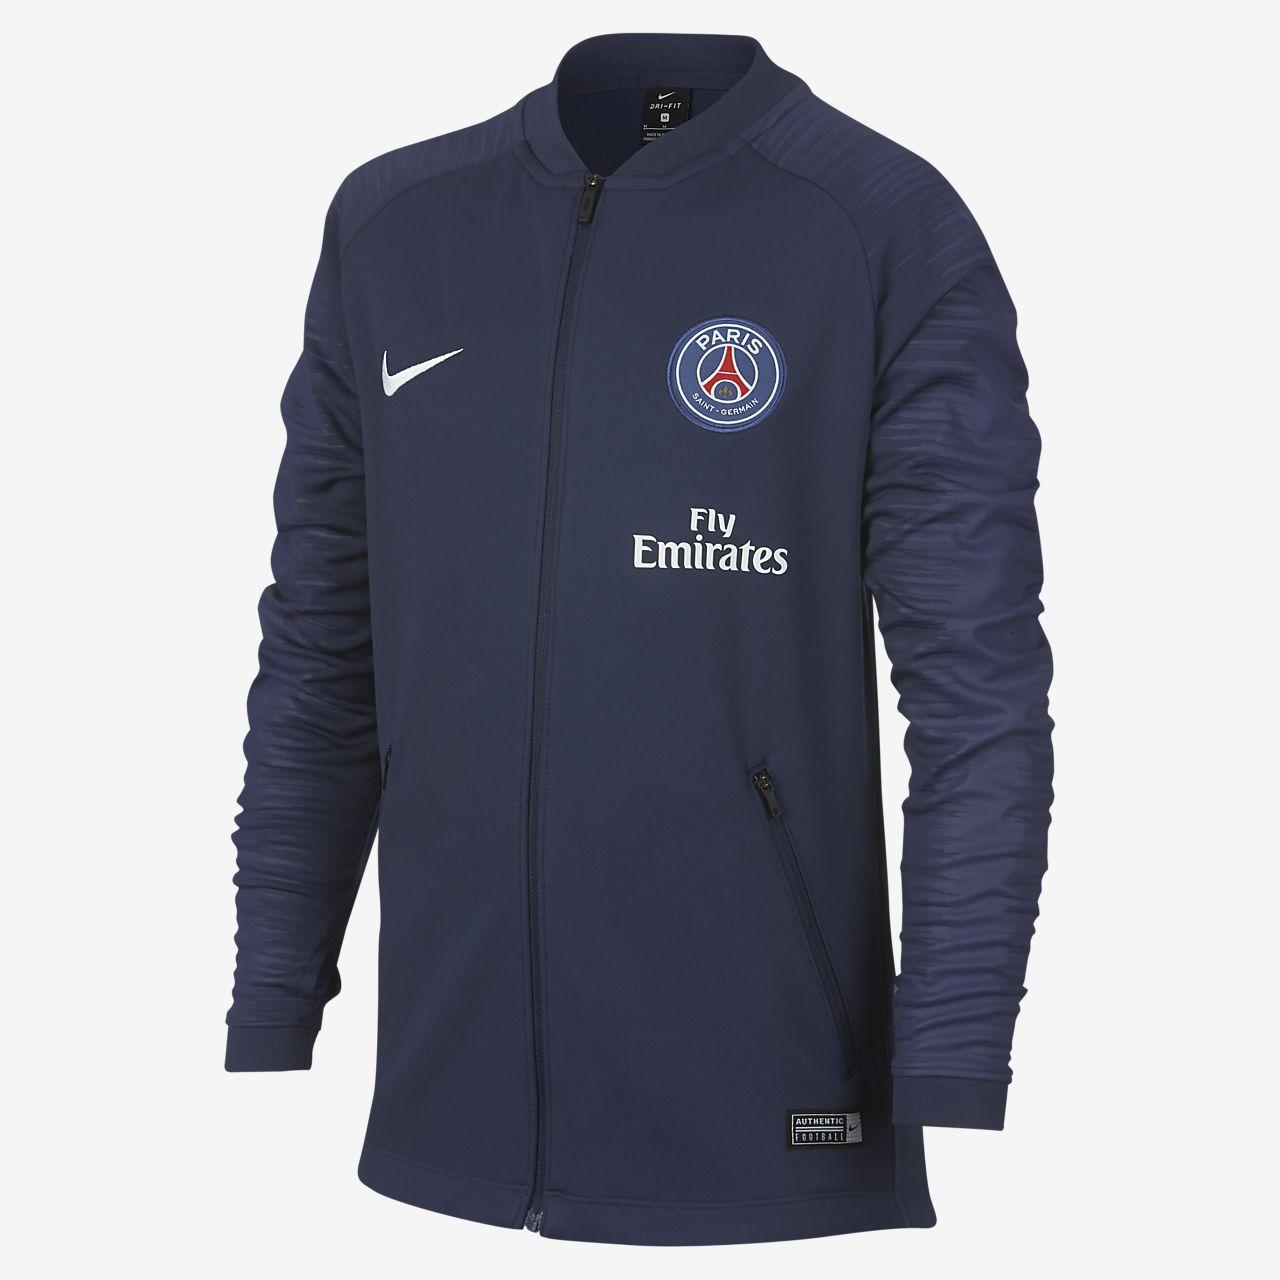 Paris Saint-Germain Anthem Chaqueta de fútbol - Niño a. Nike.com ES 54e0814e6971c